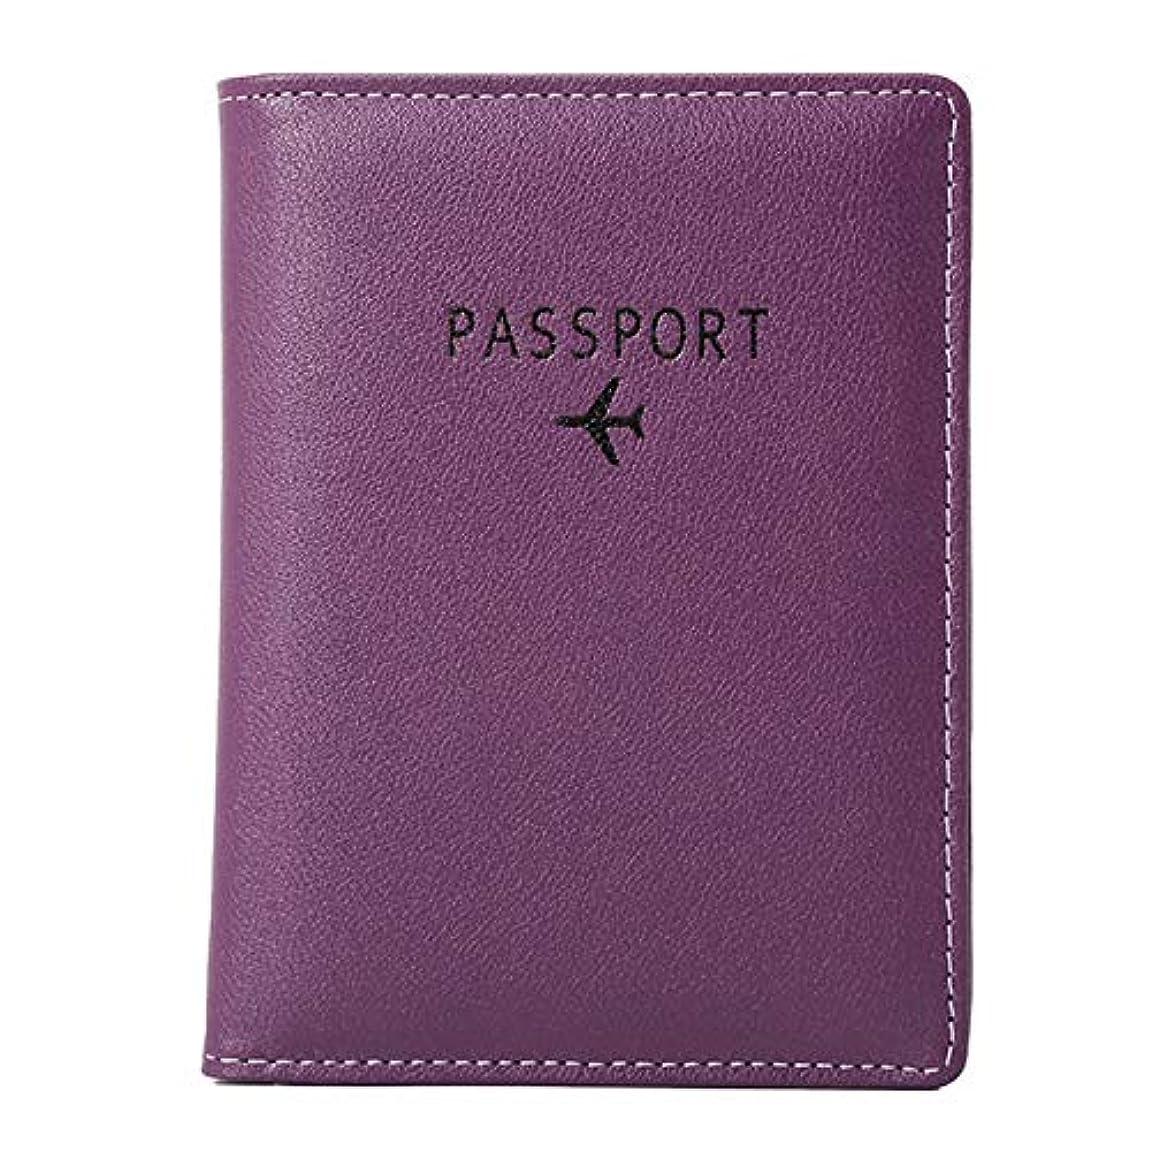 重要憧れインストラクタースキミング防止 パスポートケース (パープル)